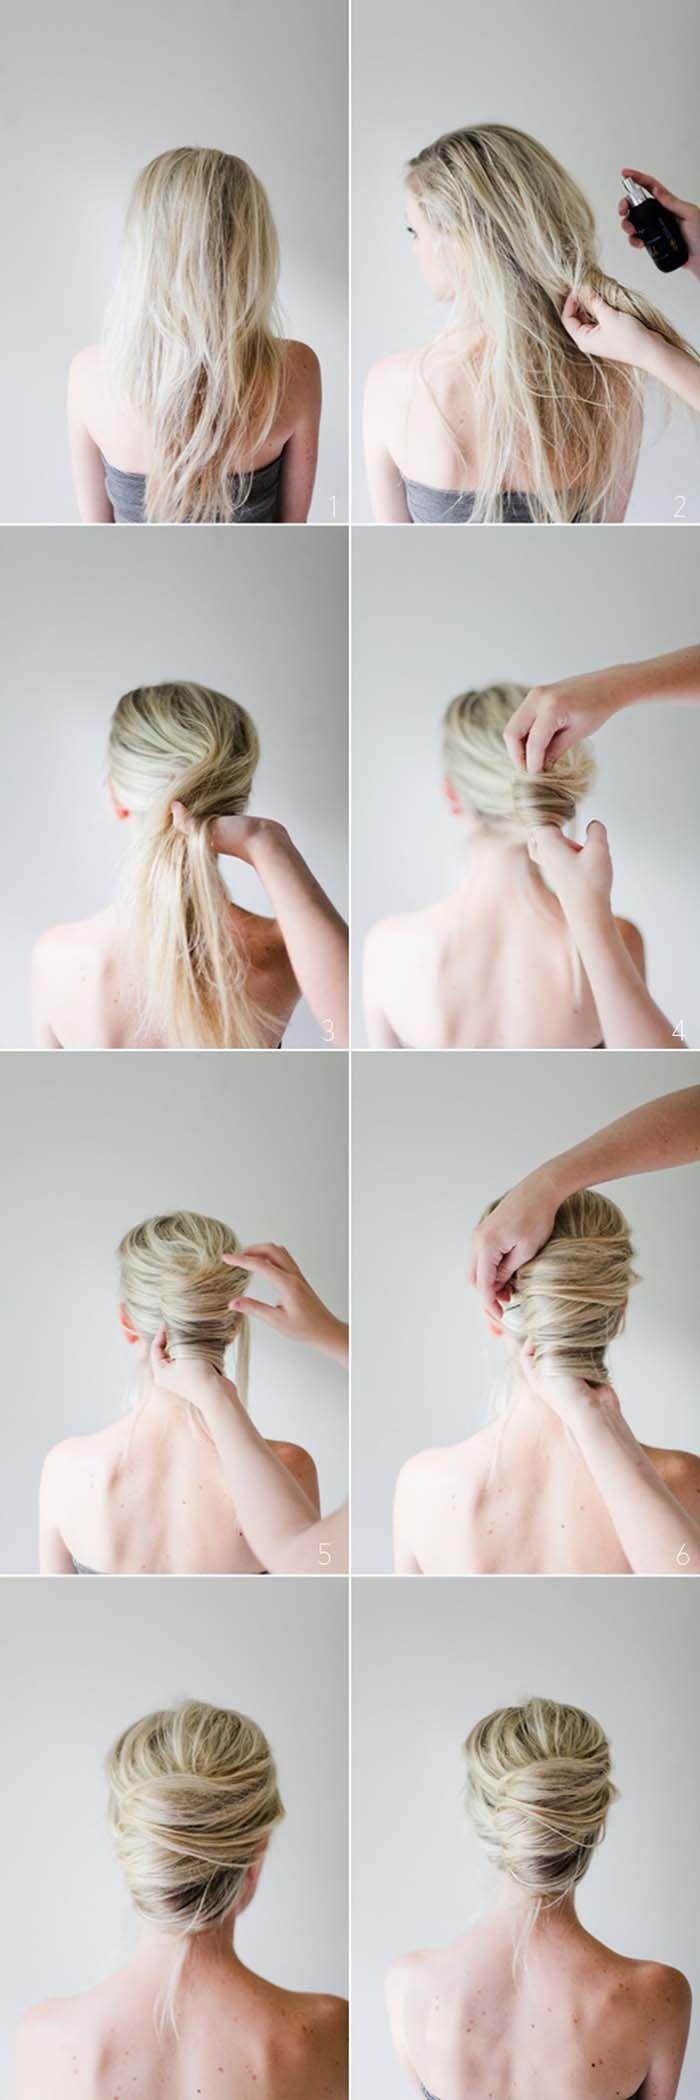 Υπέροχα χτενίσματα για μακριά μαλλιά που μπορείτε να κάνετε μόνη σας! (7)